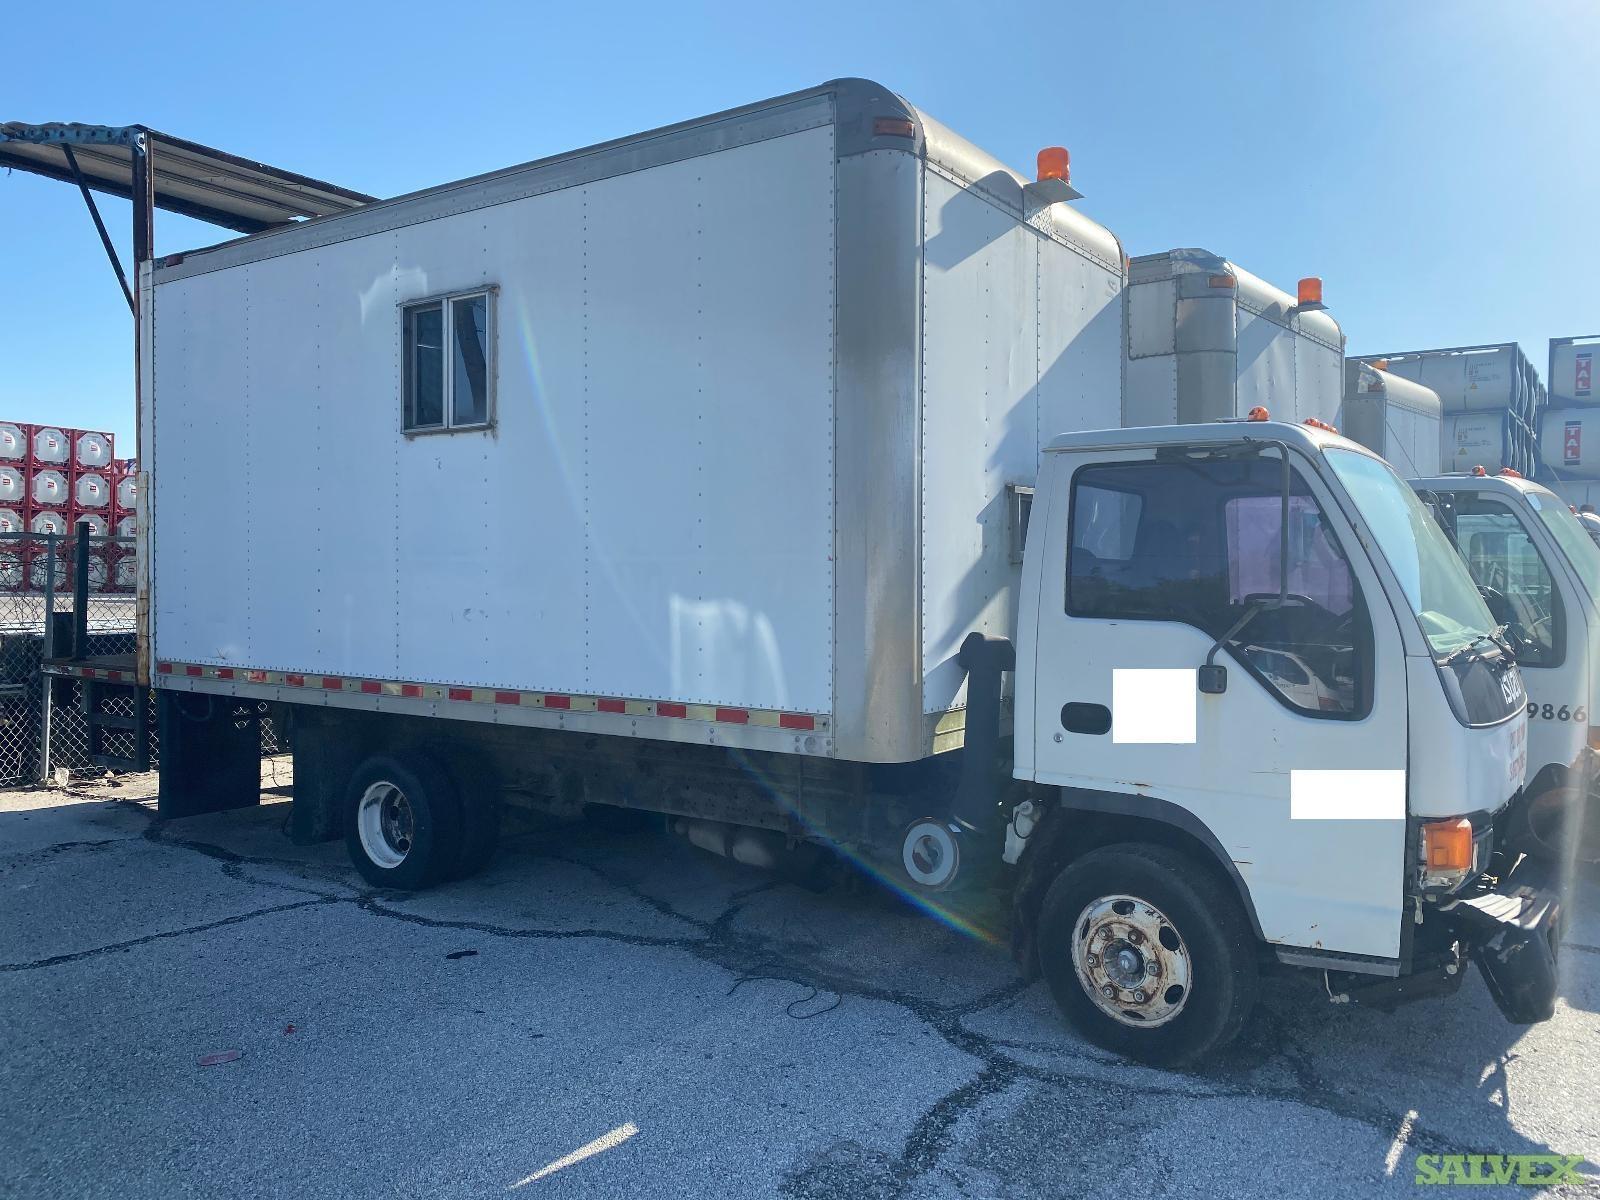 Isuzu NPR Trucks 1998-2001 // Mileage Unknown (5 Units)